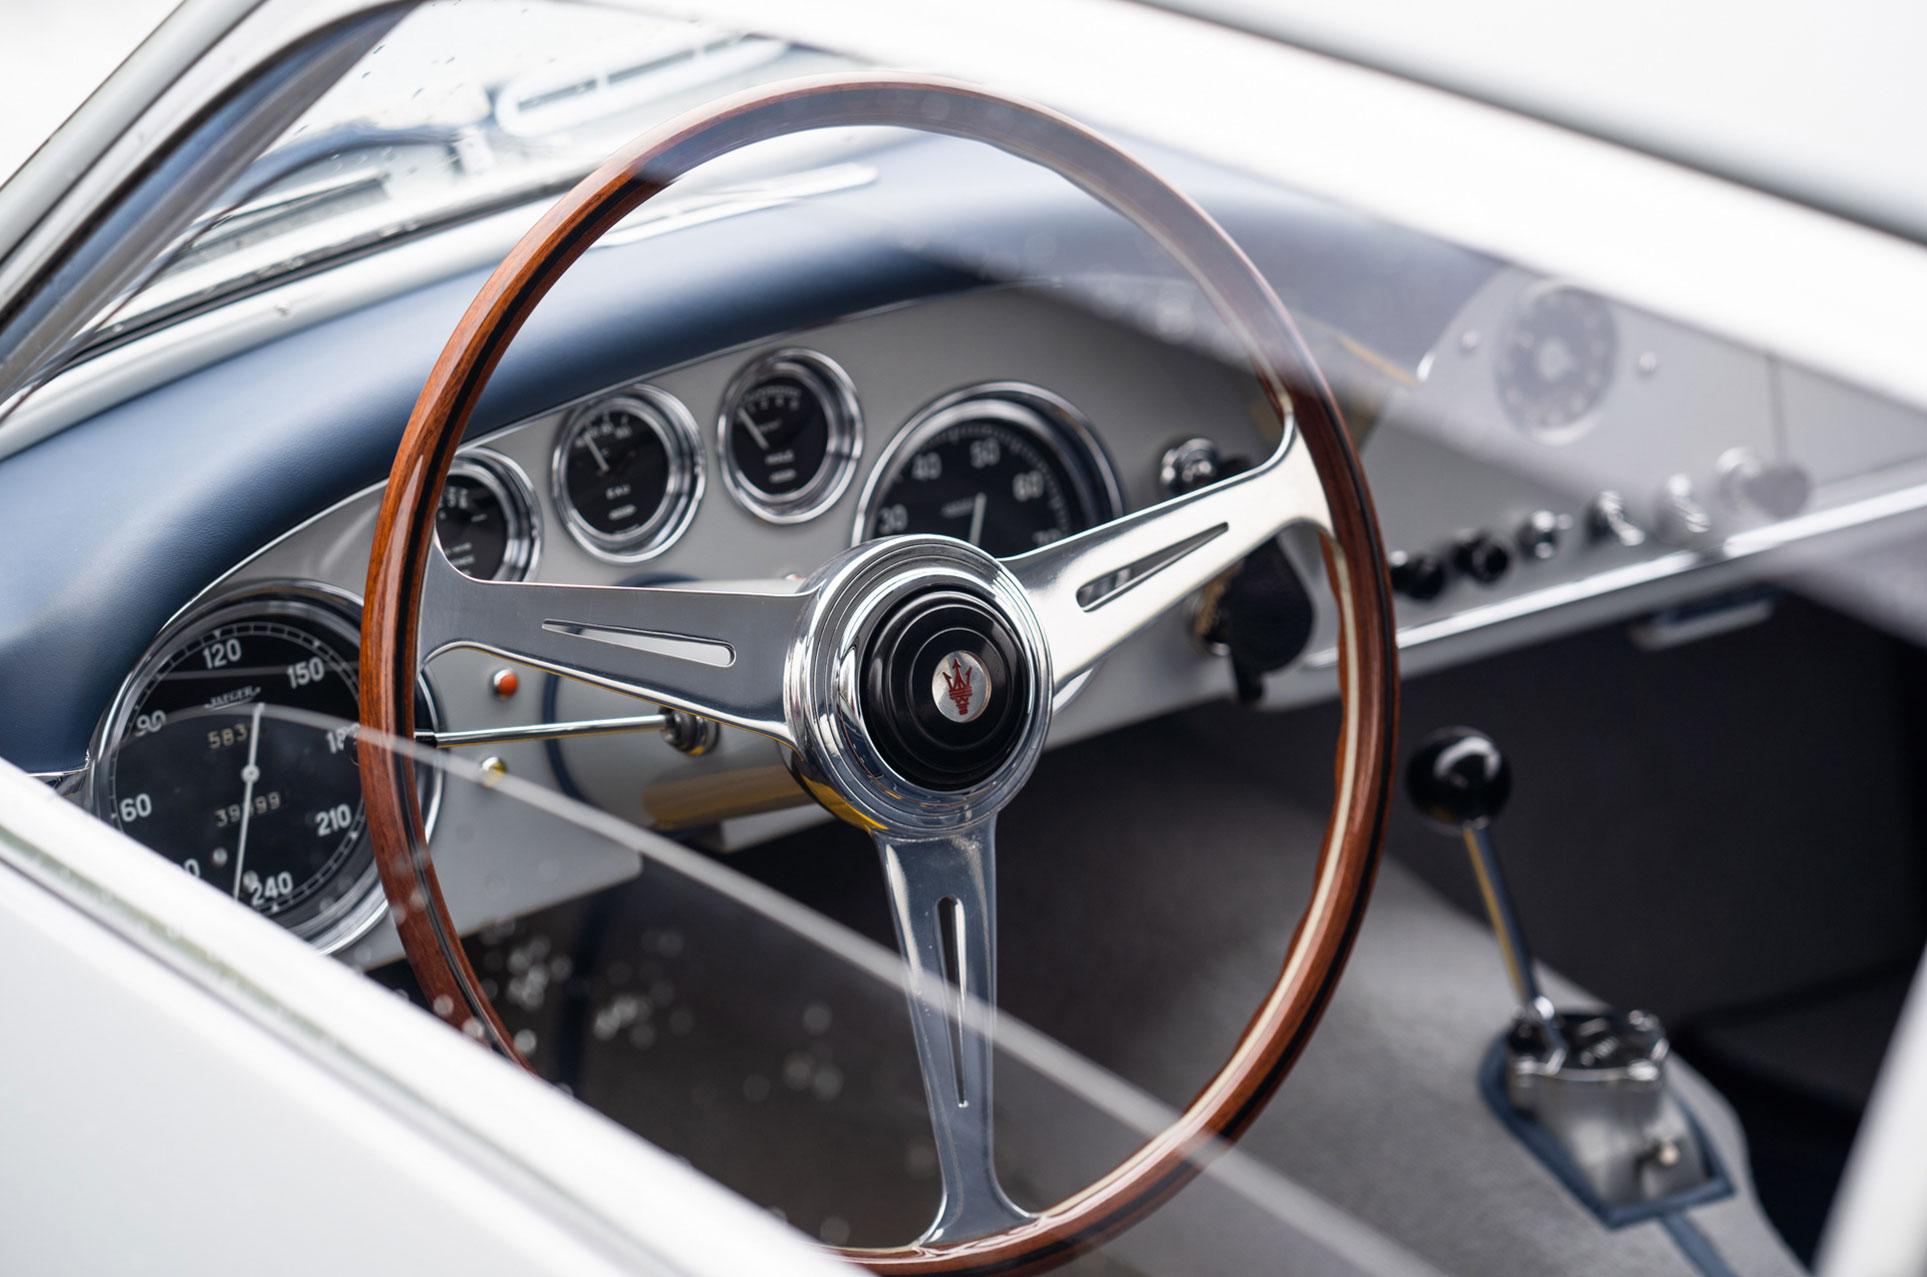 отреставрированный гоночный Maserati A6G 2000 Berlinetta Zagato 1956 года выпуска / фото 09